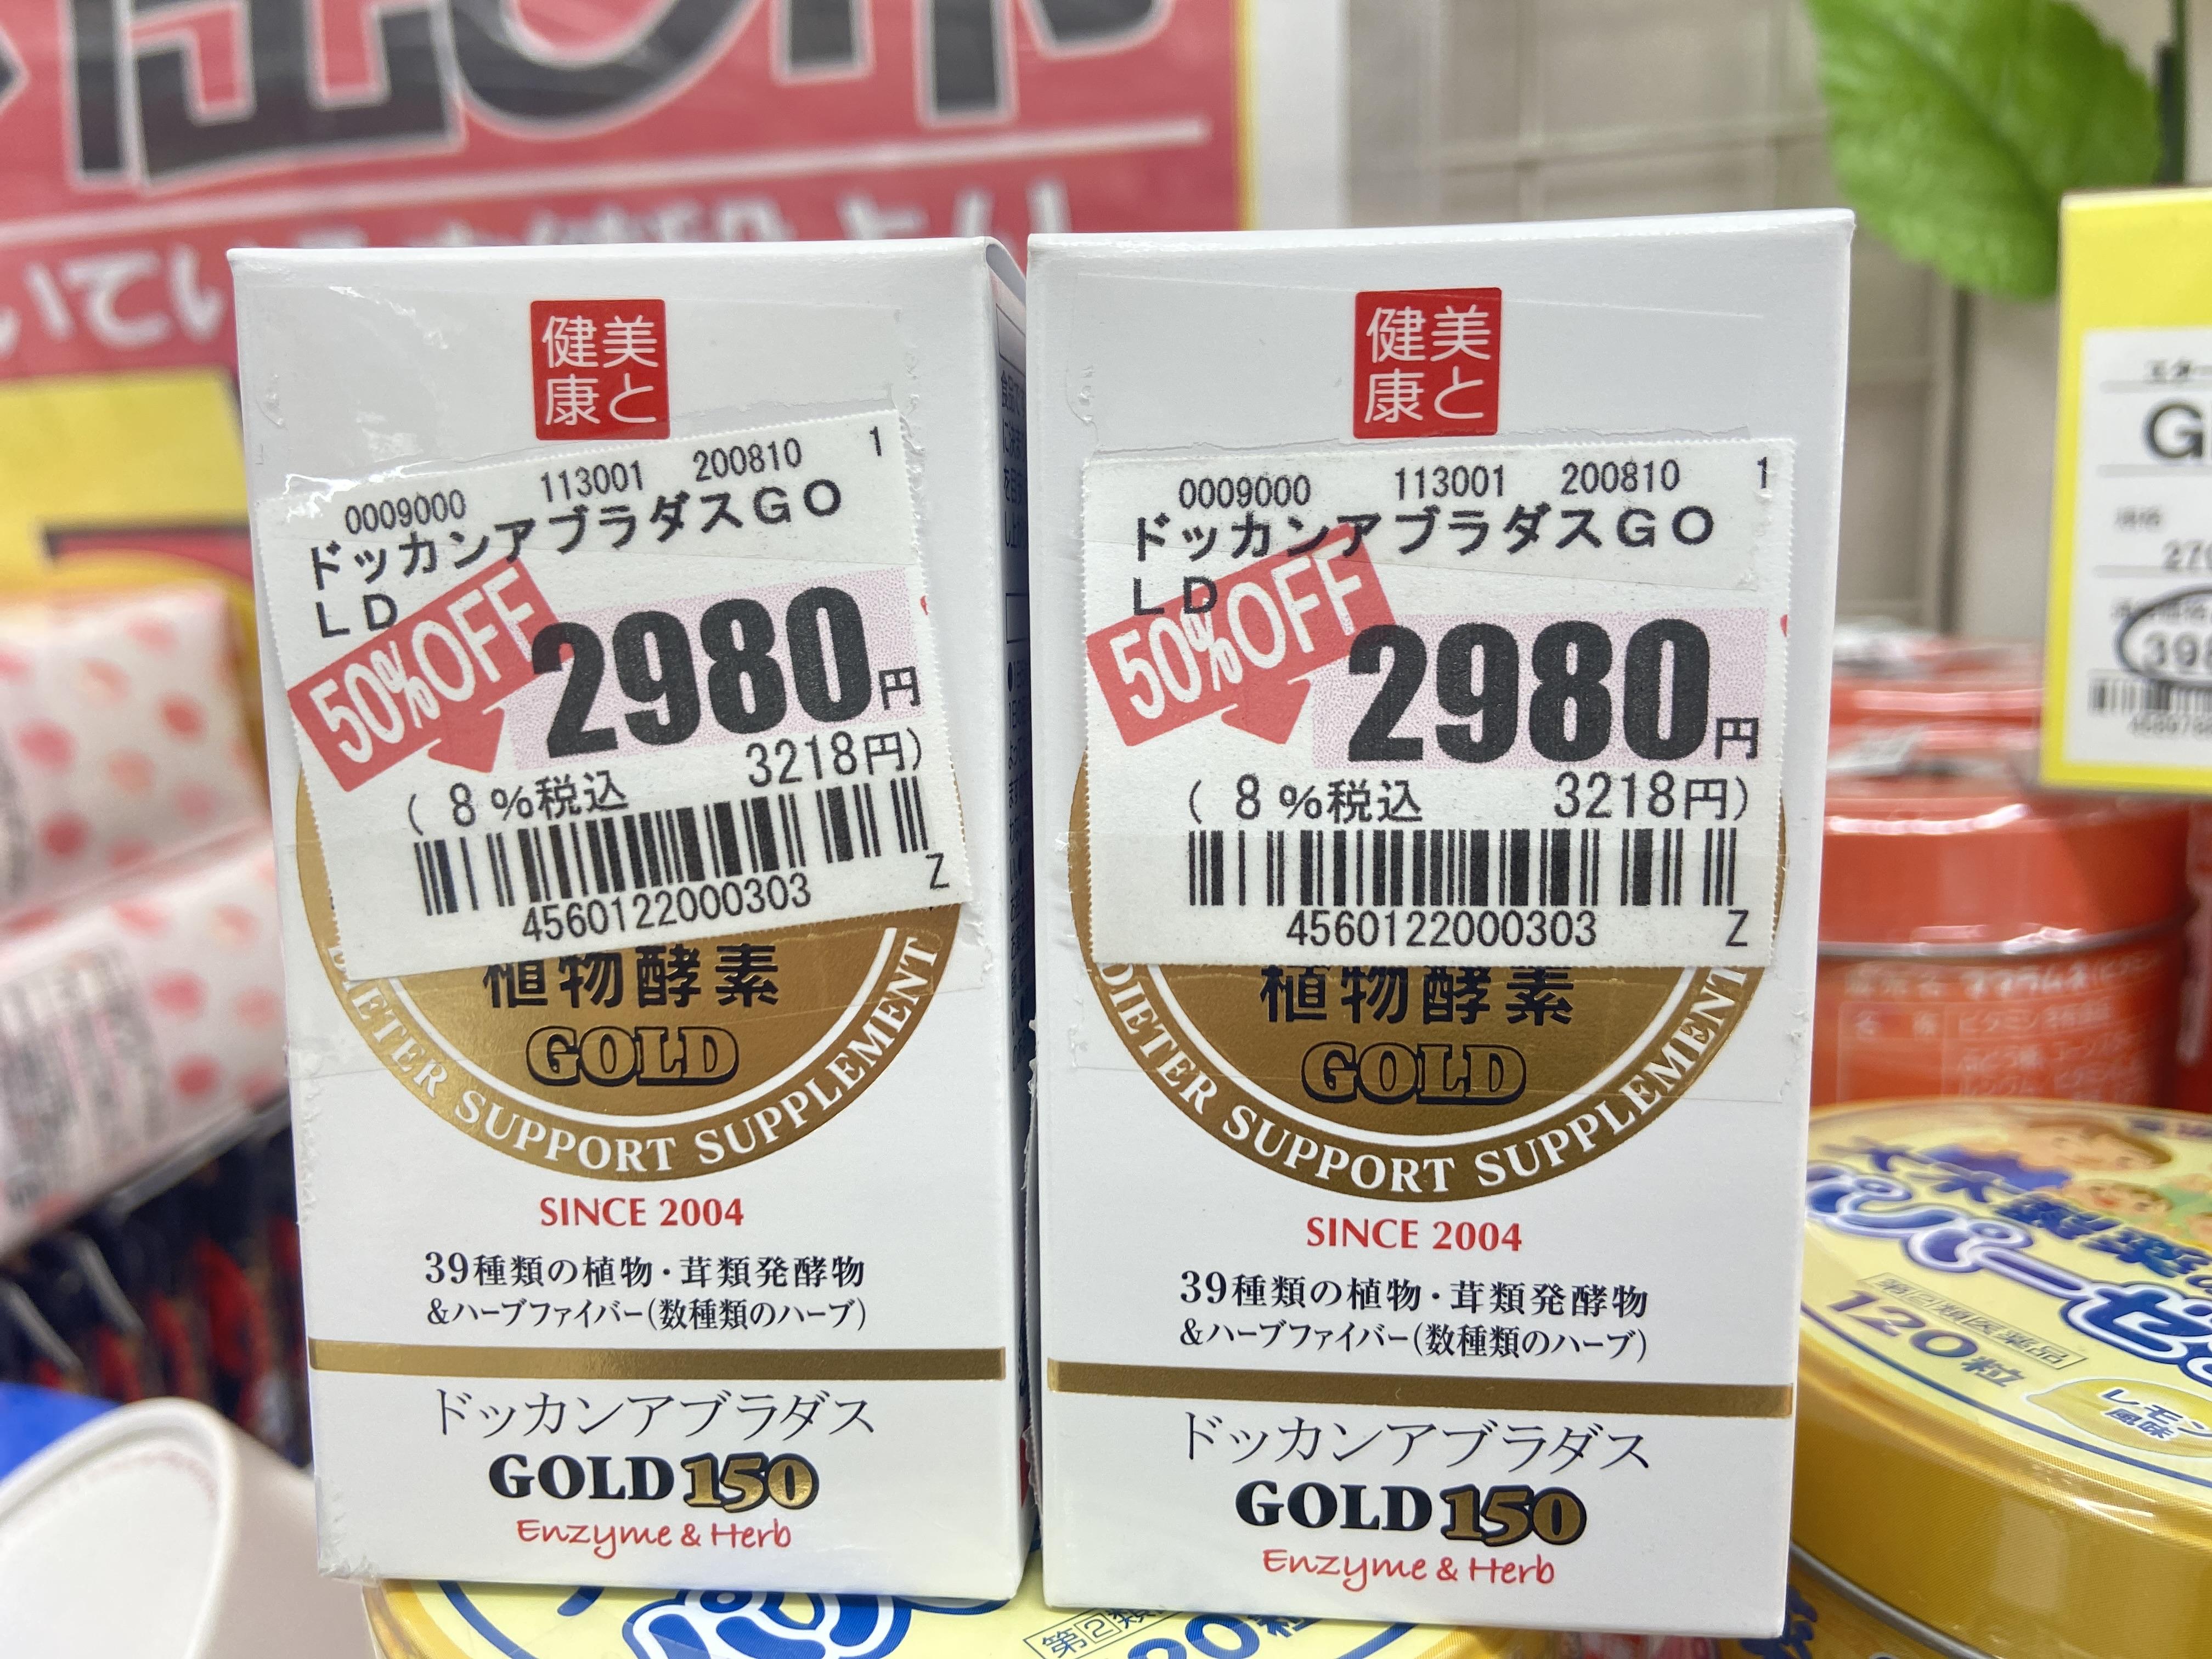 药妆店特价:dokkan植物酵素 1...